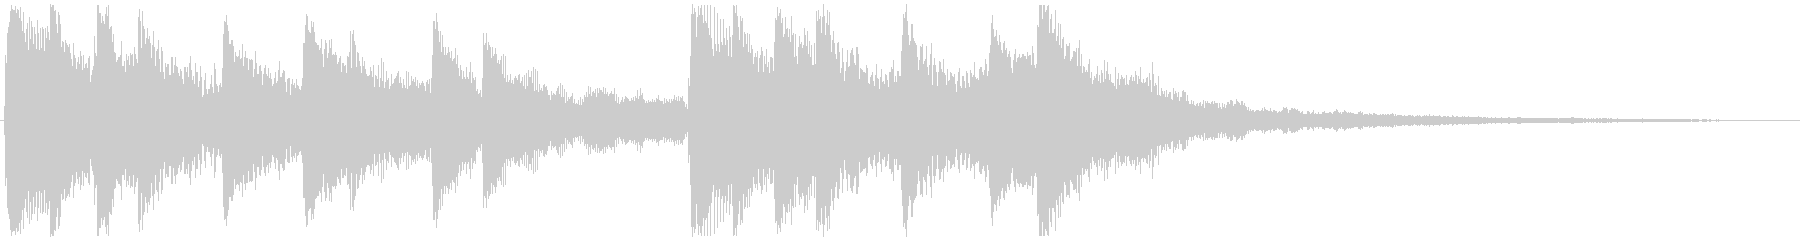 せつない感じの ピアノ&ストリングス③の未再生の波形